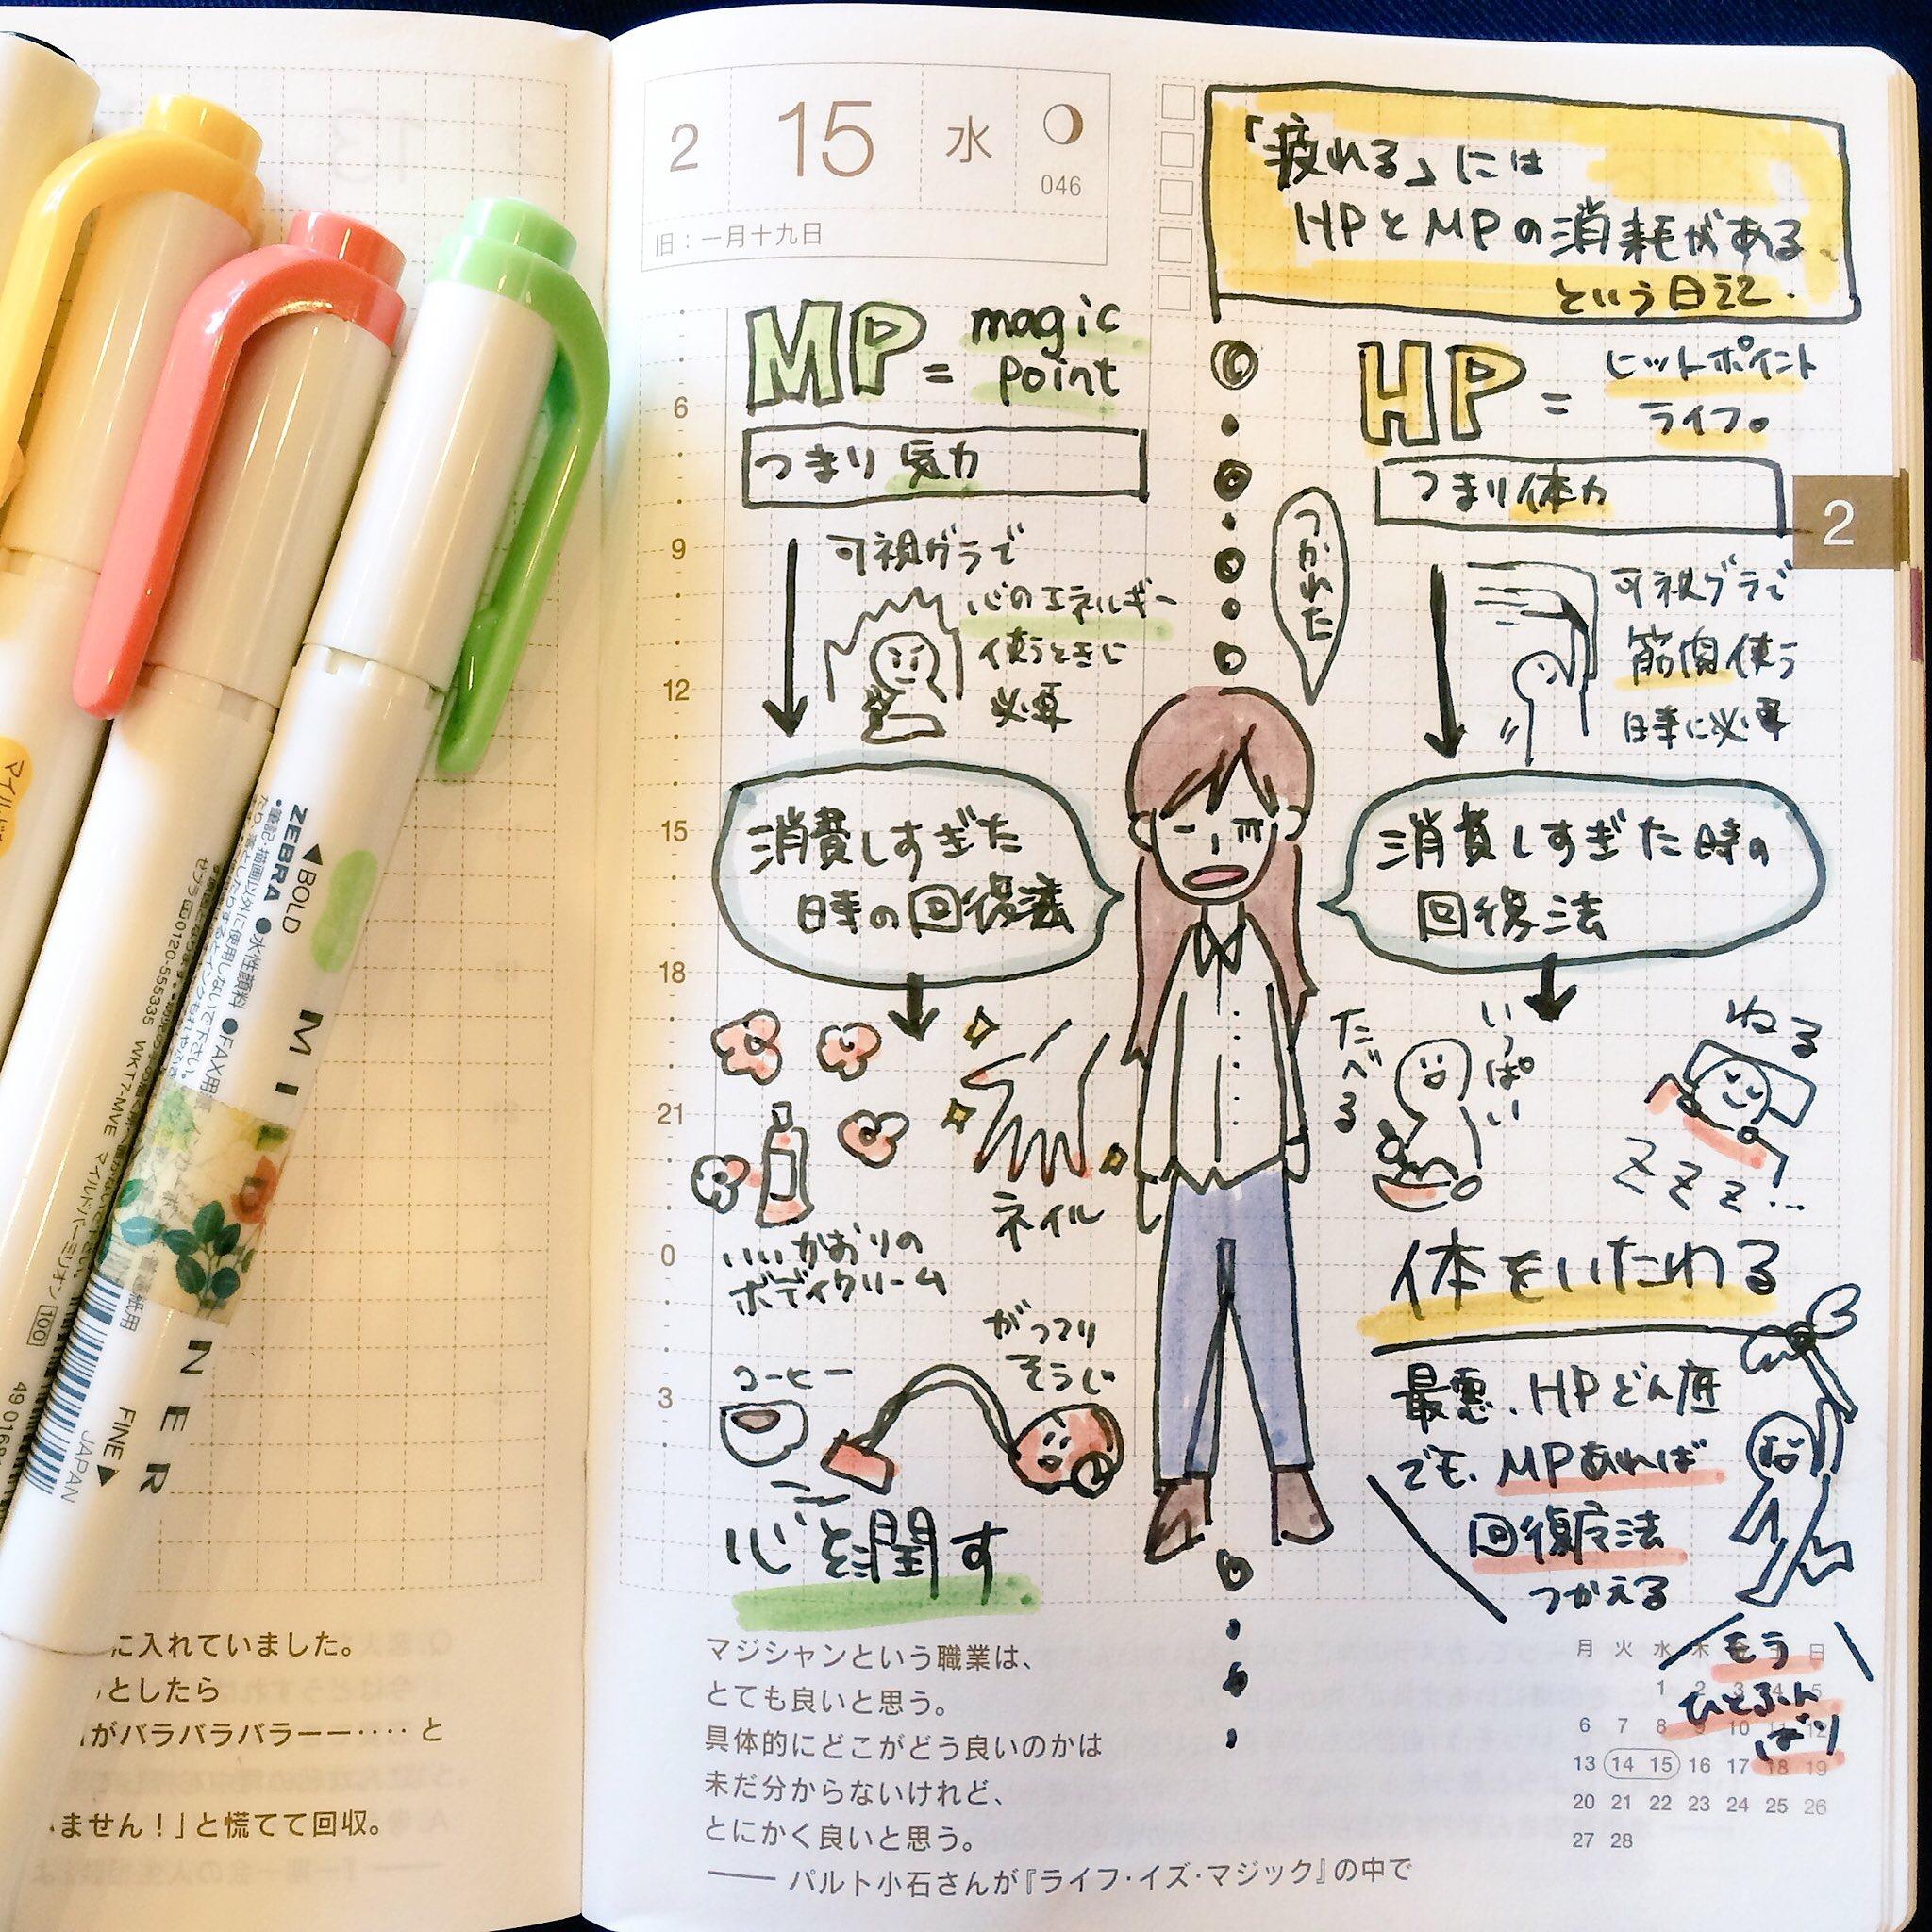 【日記】「疲れる」にはHPとMPの消耗がある